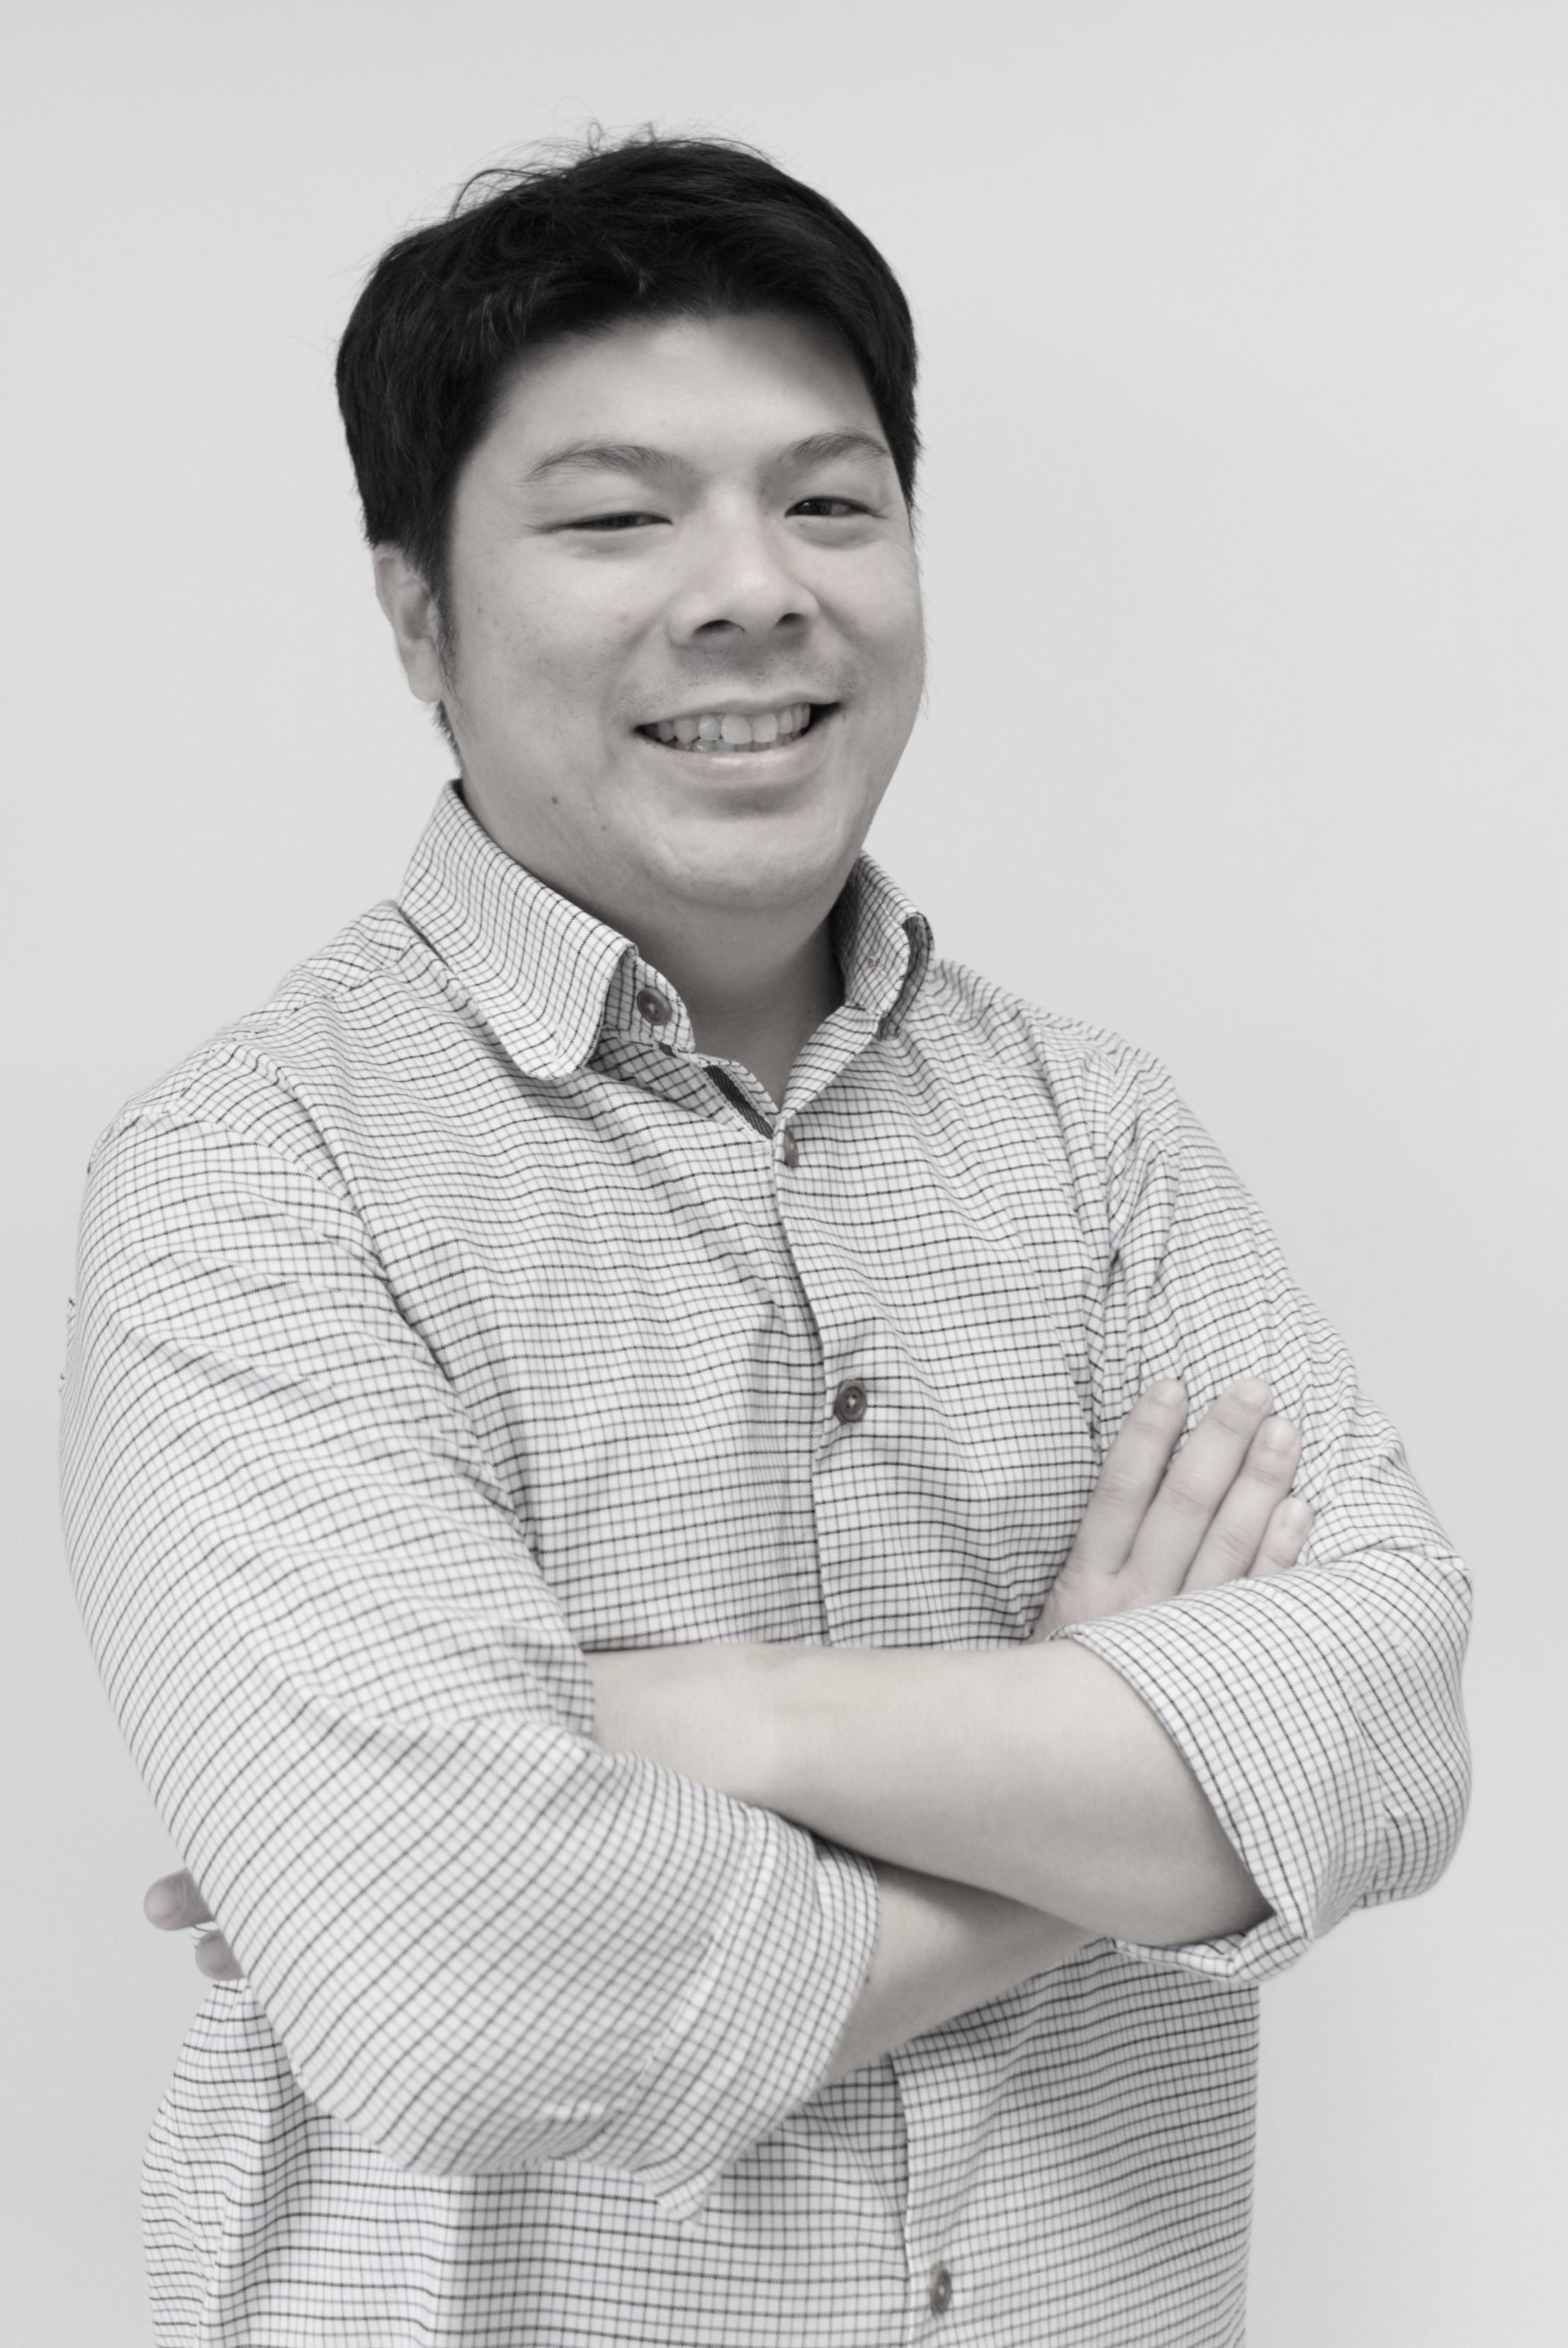 Shane Koh